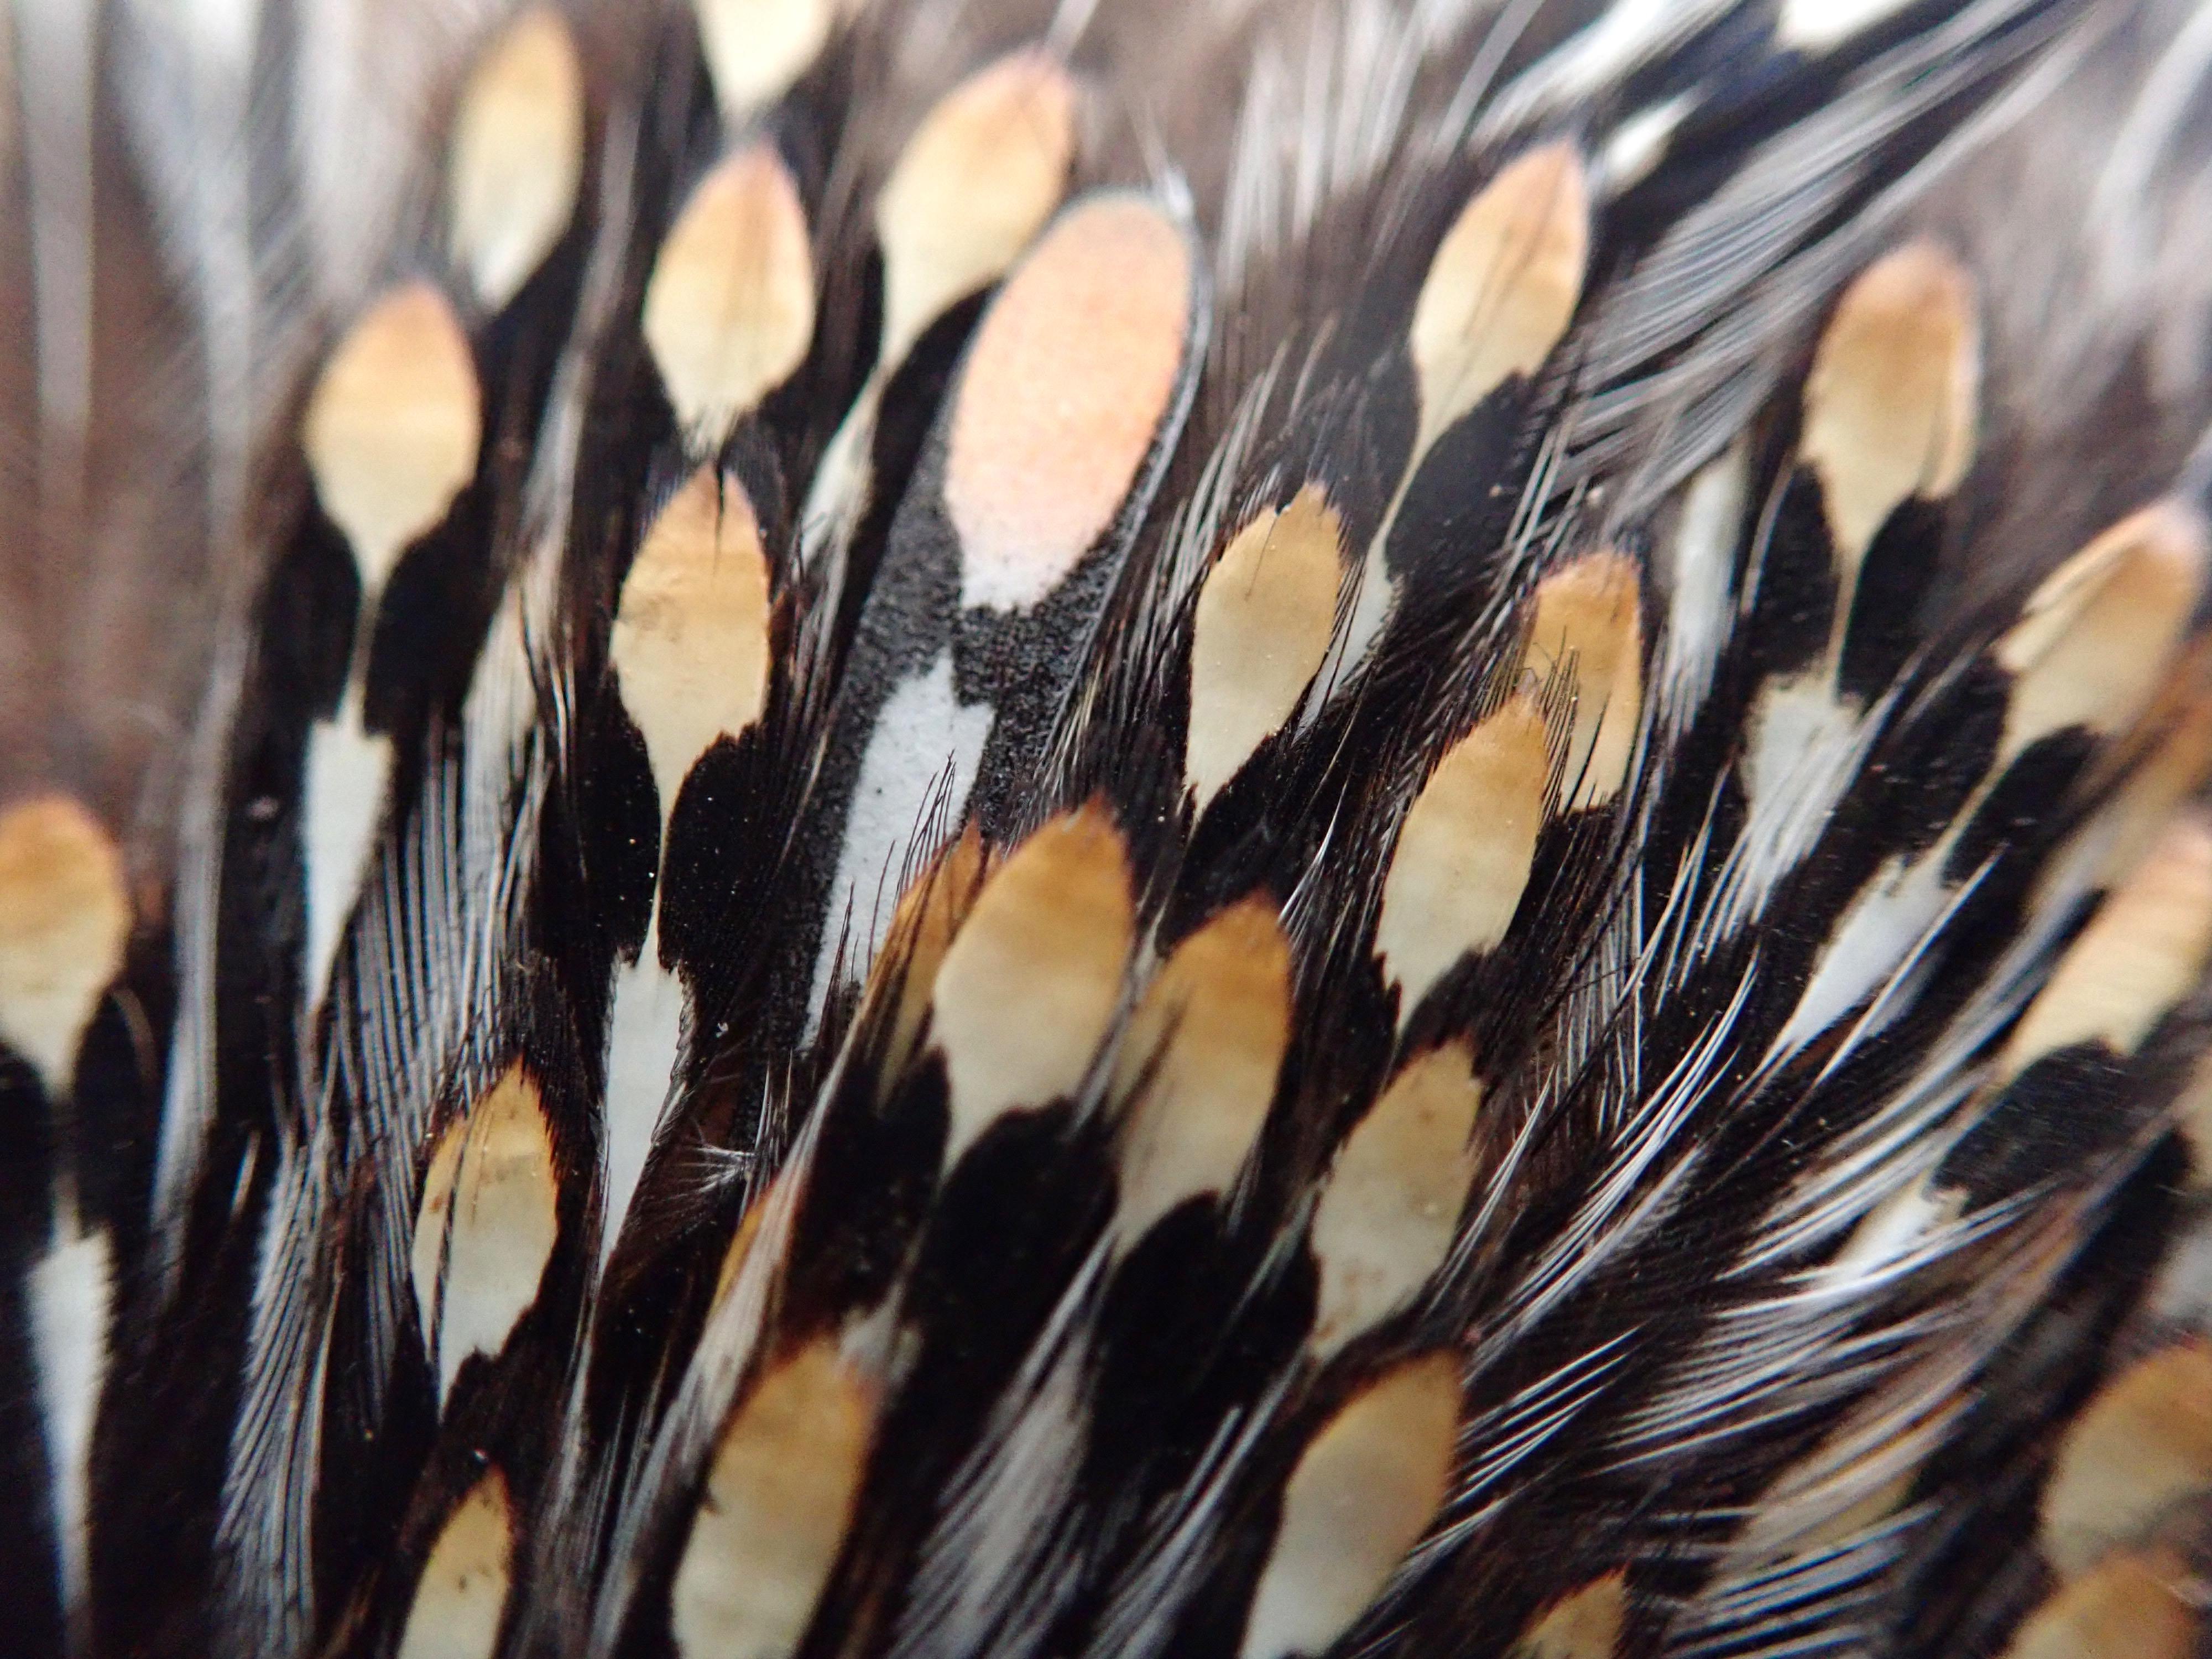 """Finde die Feder. In diesem echten Dschungelhahnbalg steckt eine unechte """"Pro Jungle Cock Gen3""""-Feder, und man muss schon sehr genau hinschauen, um den Unterschied zu erkennen. Na, Feder gefunden? Foto: M. Werner"""